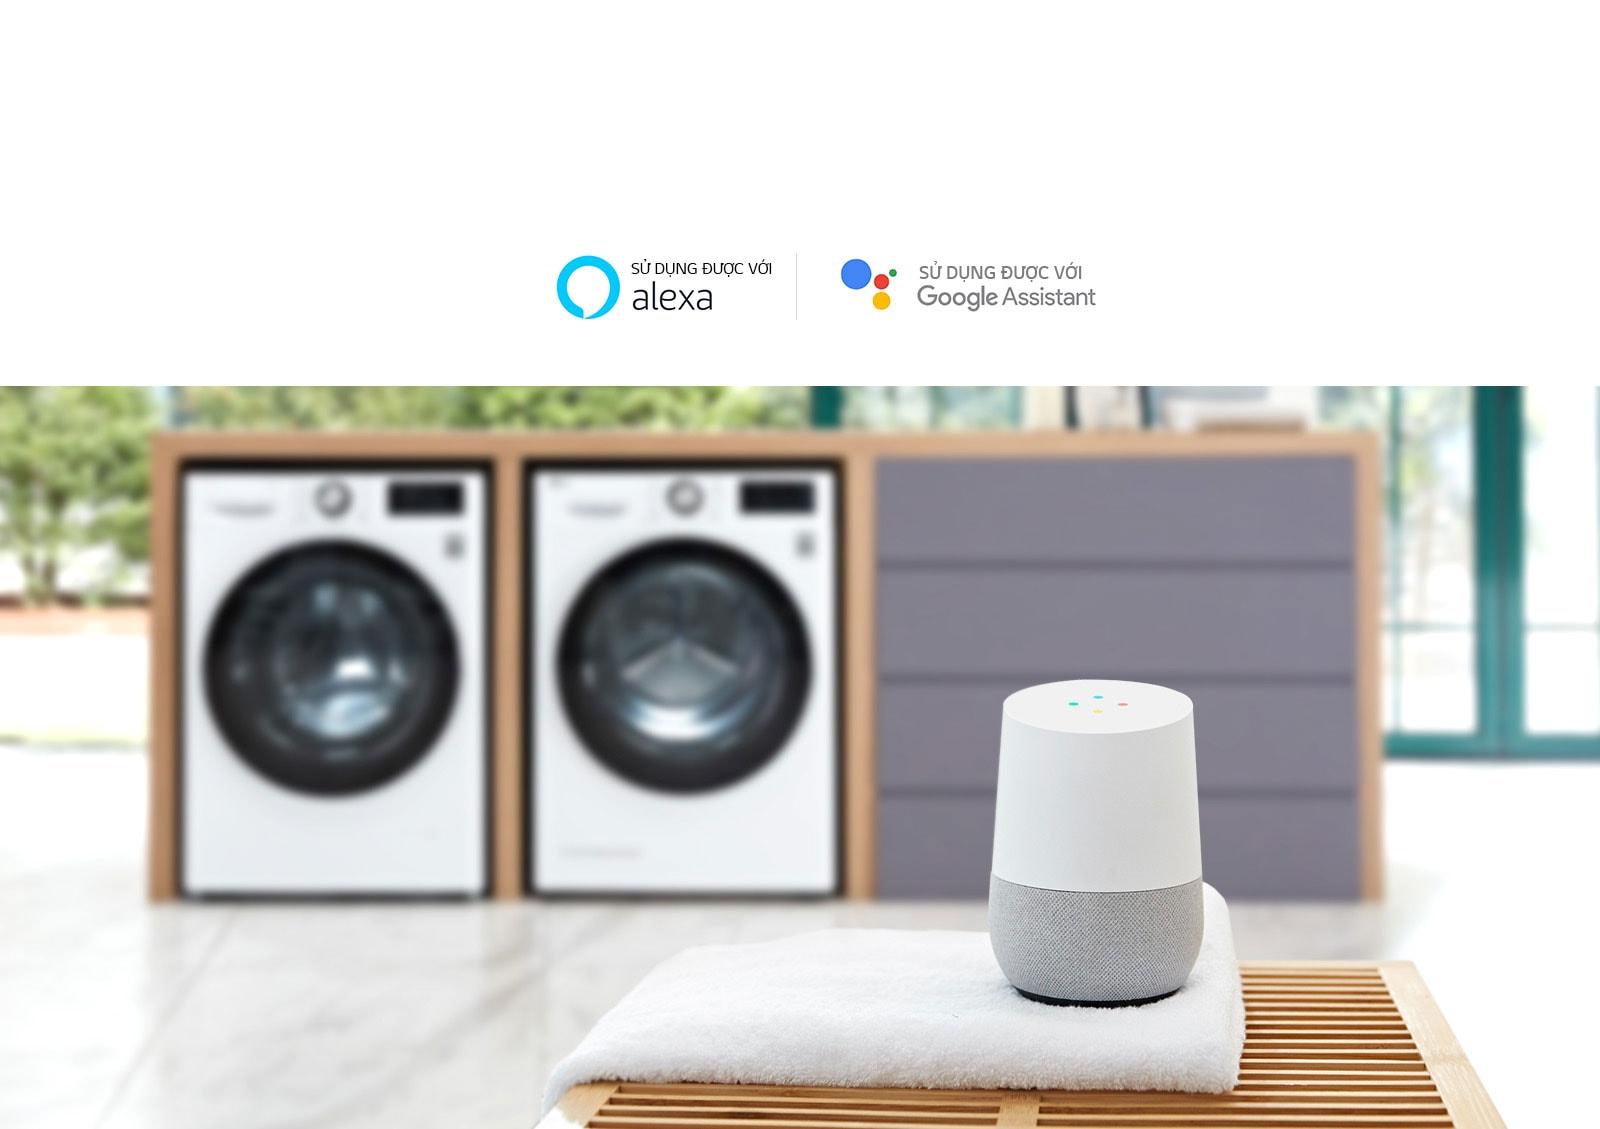 Hình ảnh phía sau là hai máy giặt cửa trước trong bàn gập quần áo tích hợp bị làm mờ, với LG ThinQ trên một chiếc khăn đặt trên bàn ở phía trước.